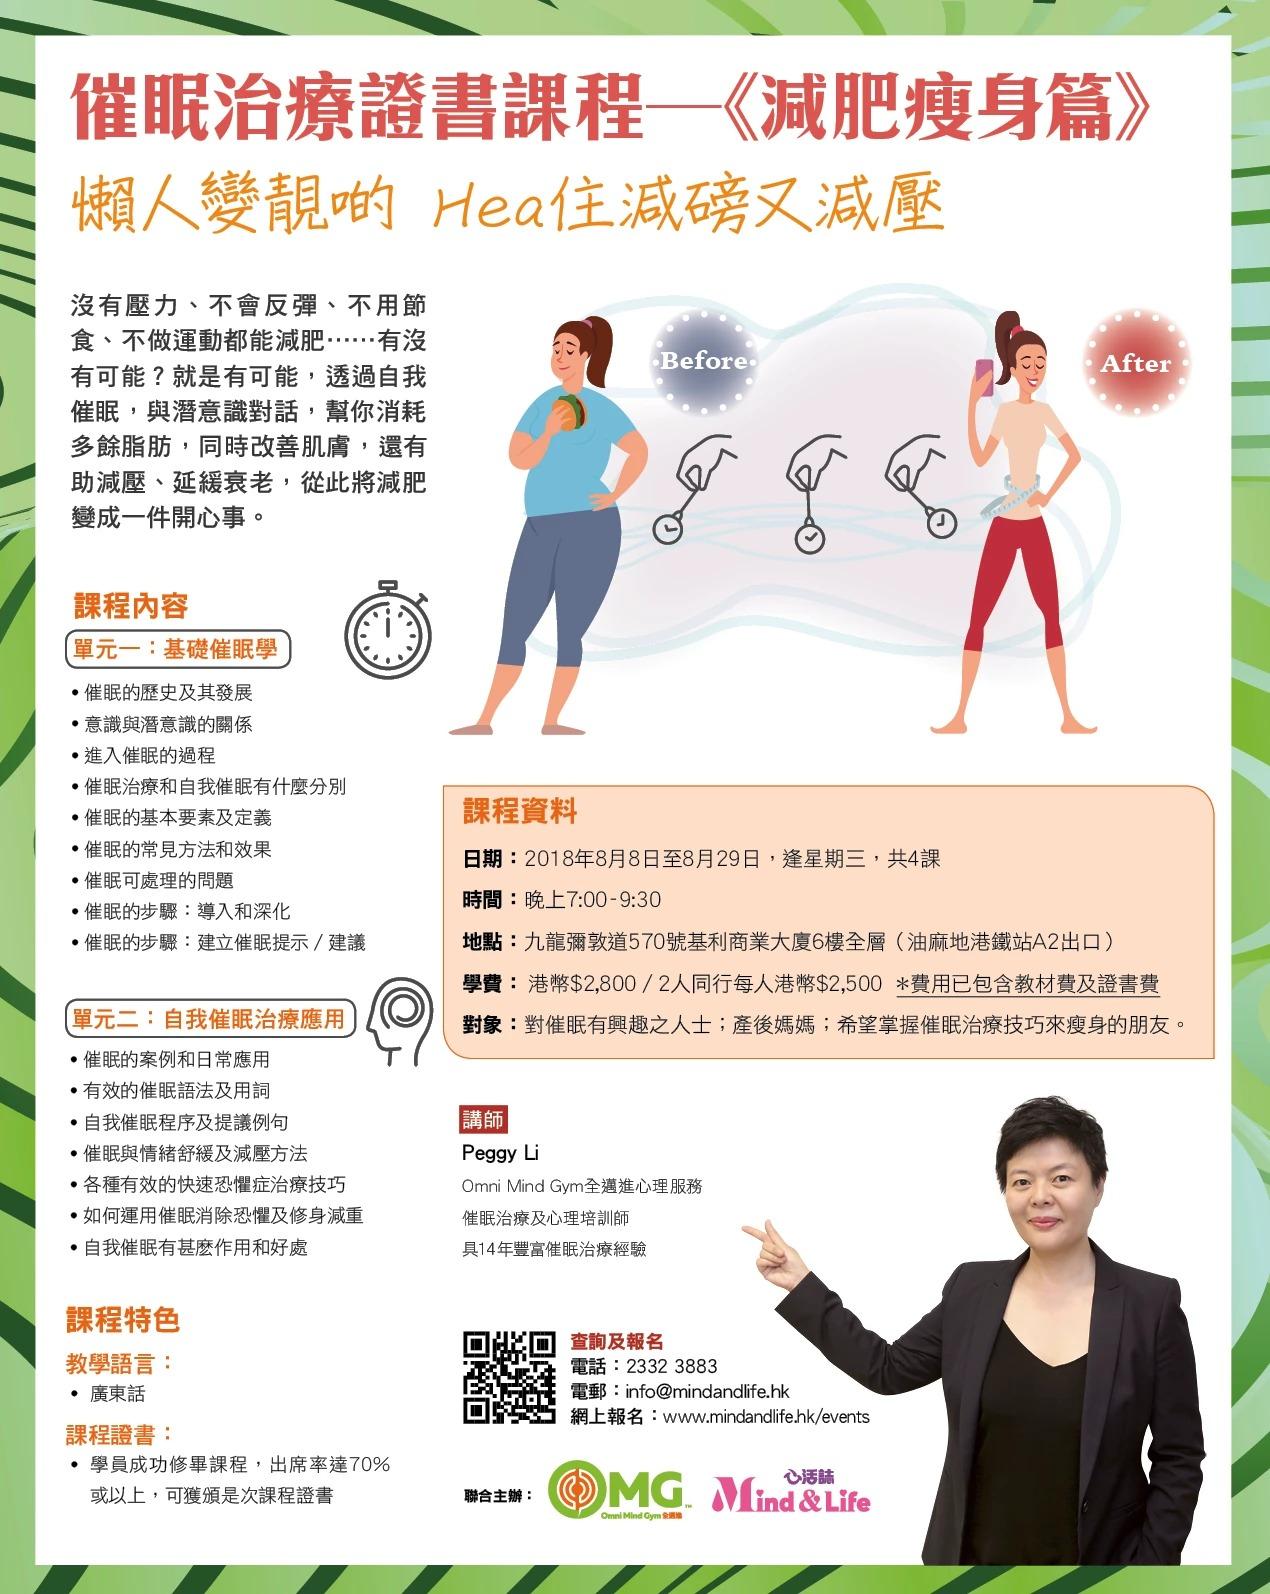 催眠治療證書課程 - 《減肥瘦身篇》 - Omni Mind Gym Group